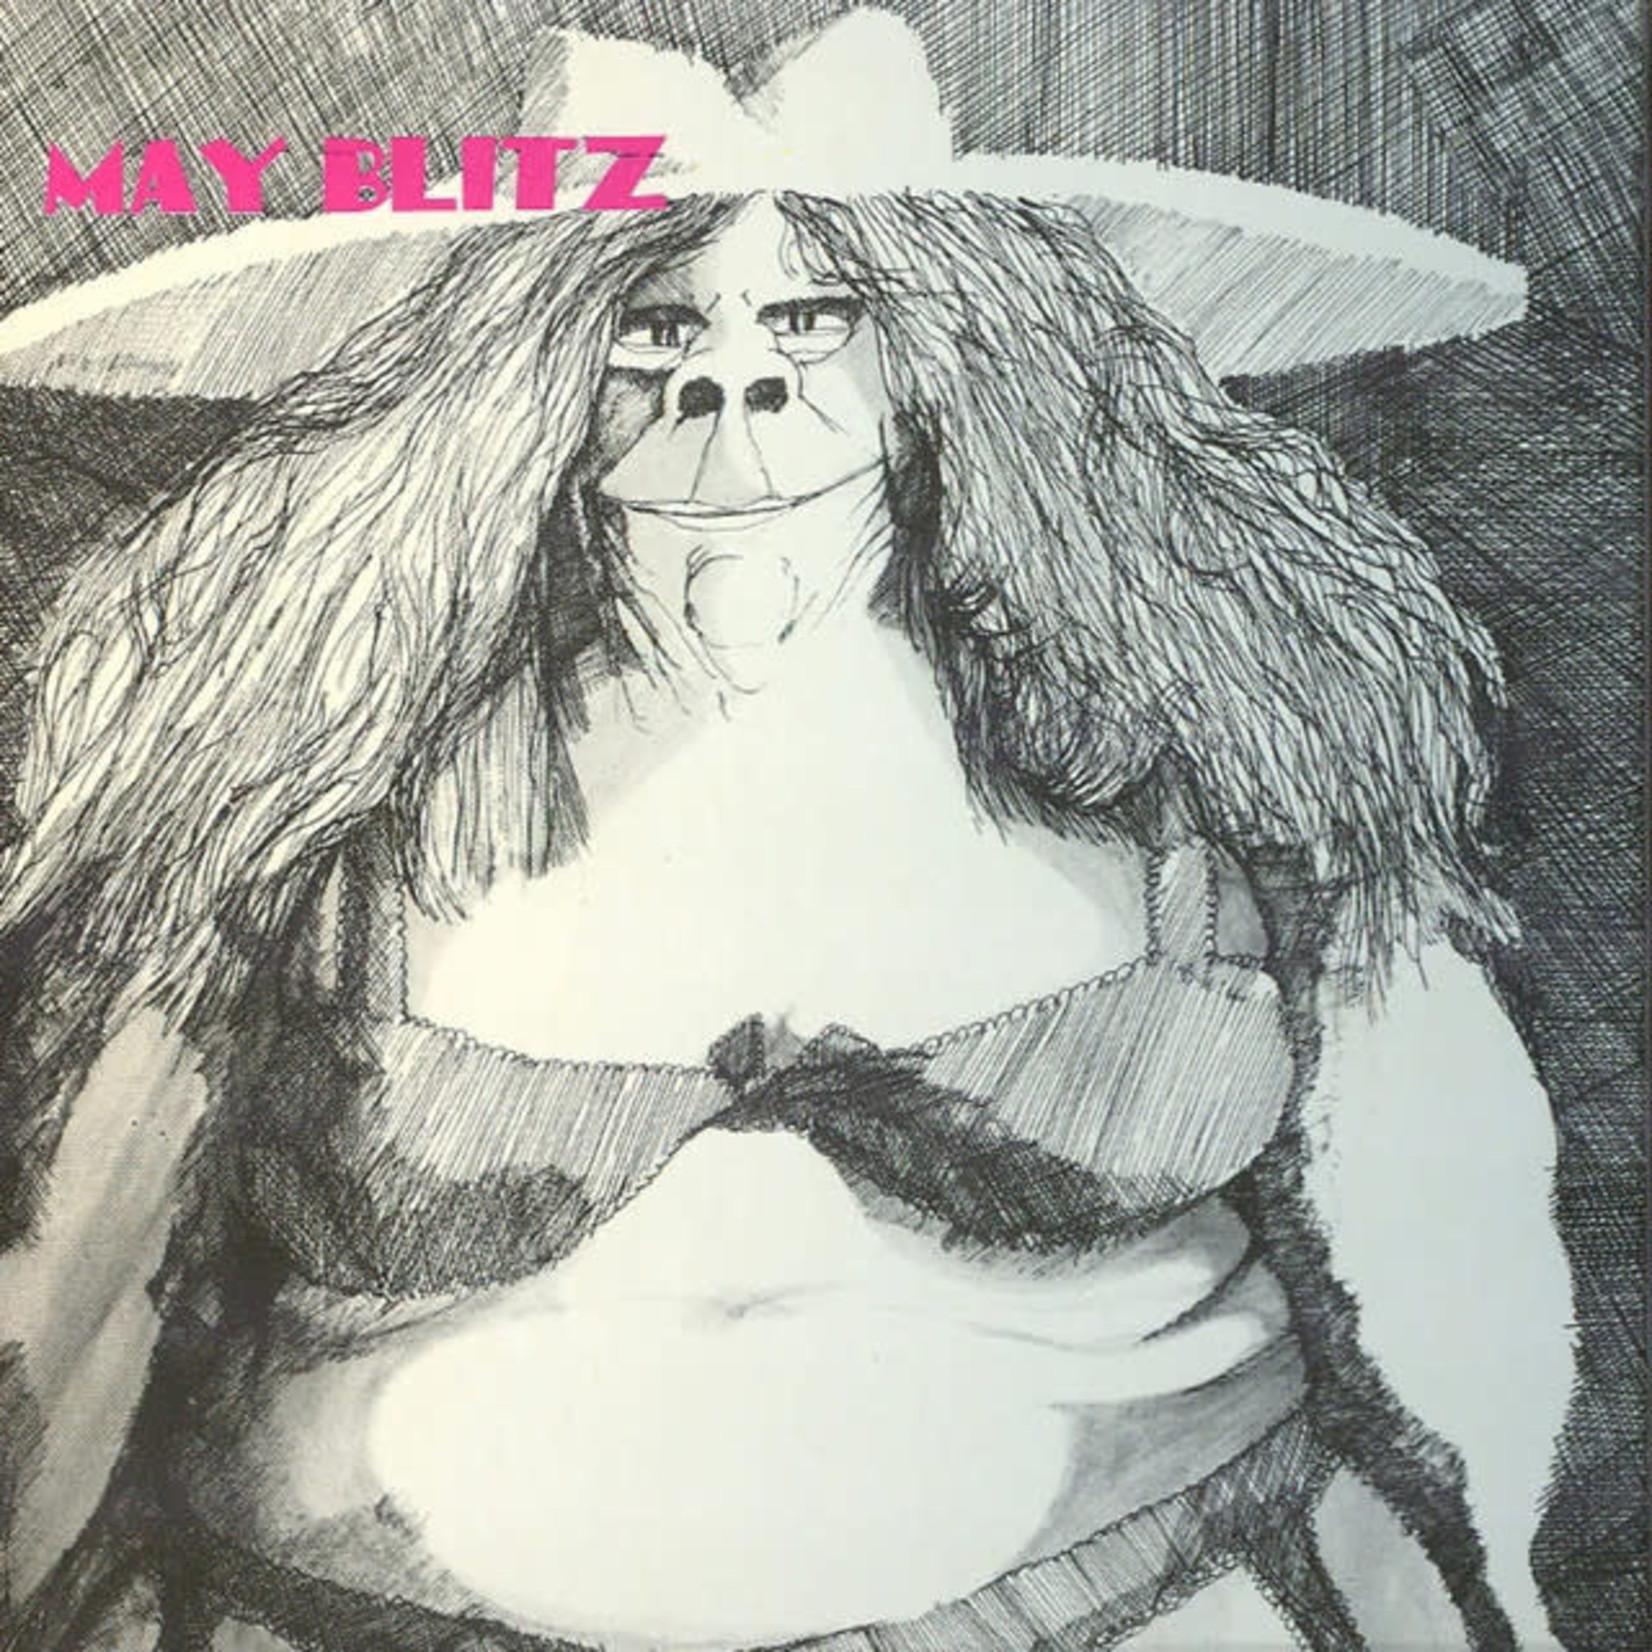 Vinyl May Blitz - ST